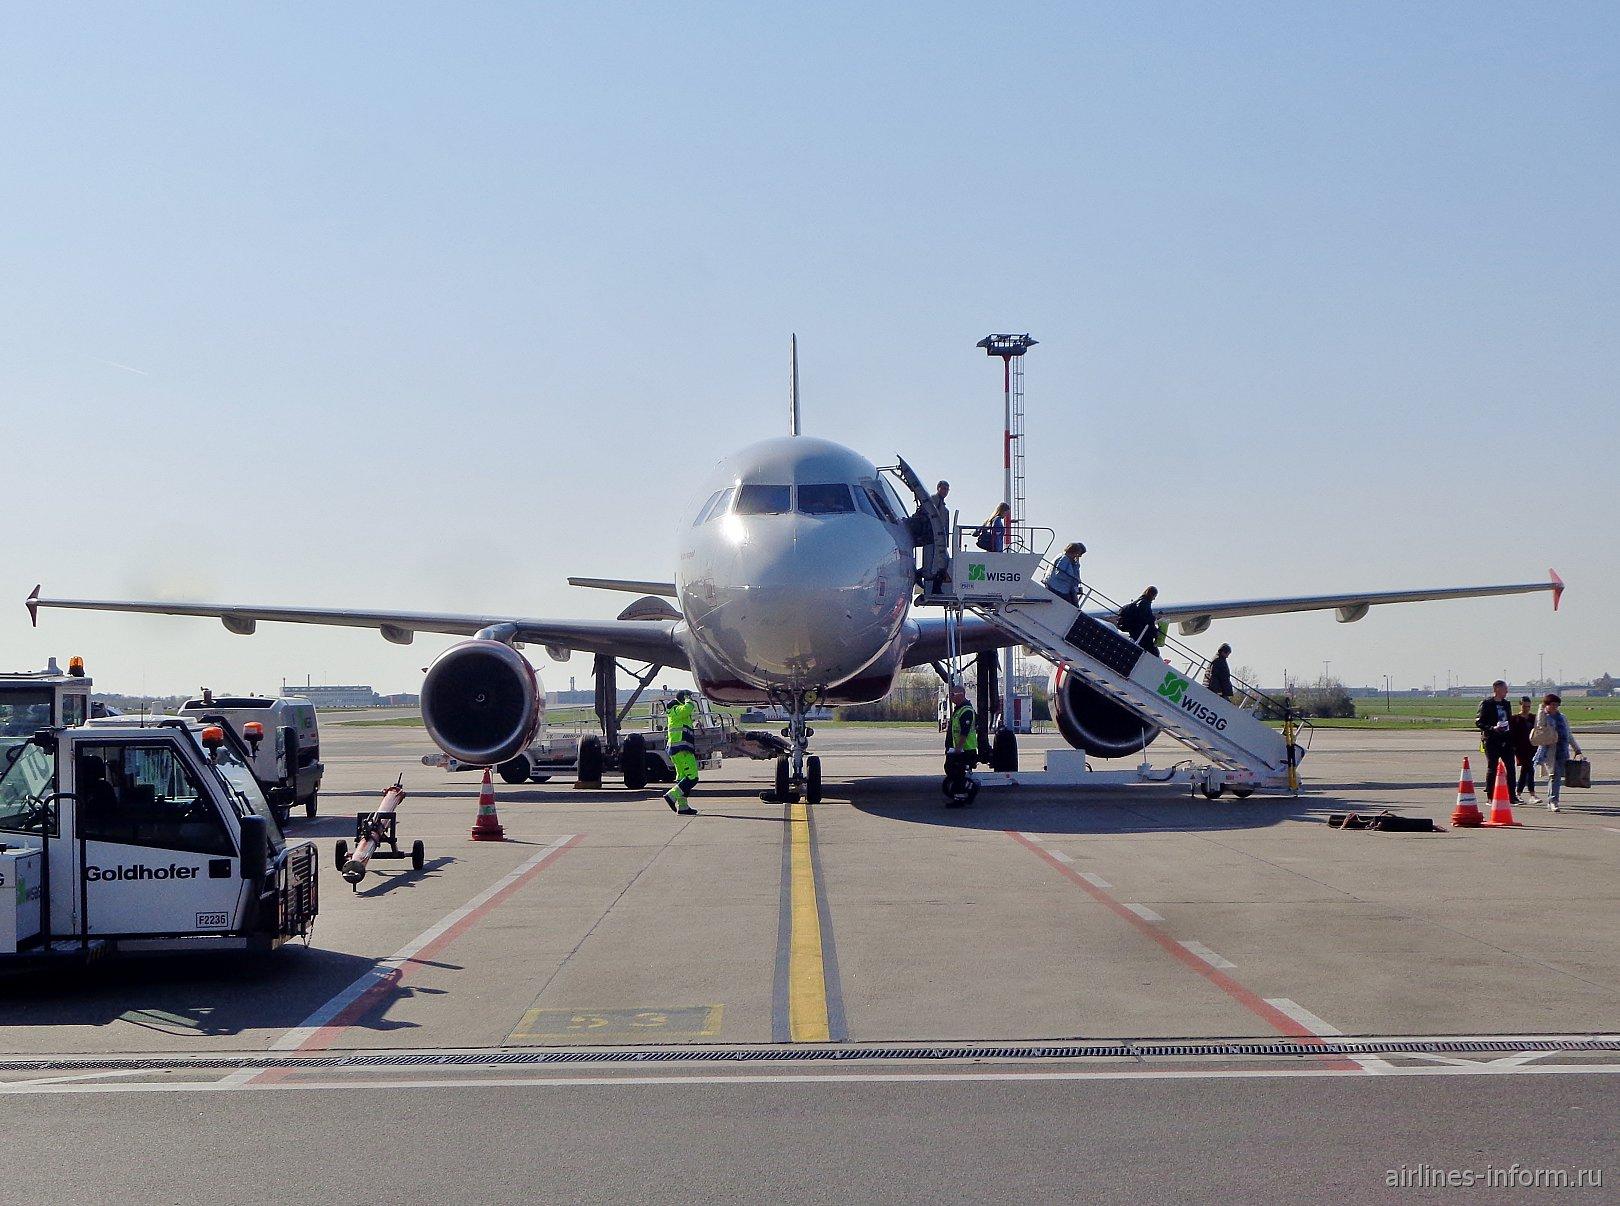 Санкт-Петербург-Берлин (LED-SXF) + Flughafen Berlin-Tempelhof